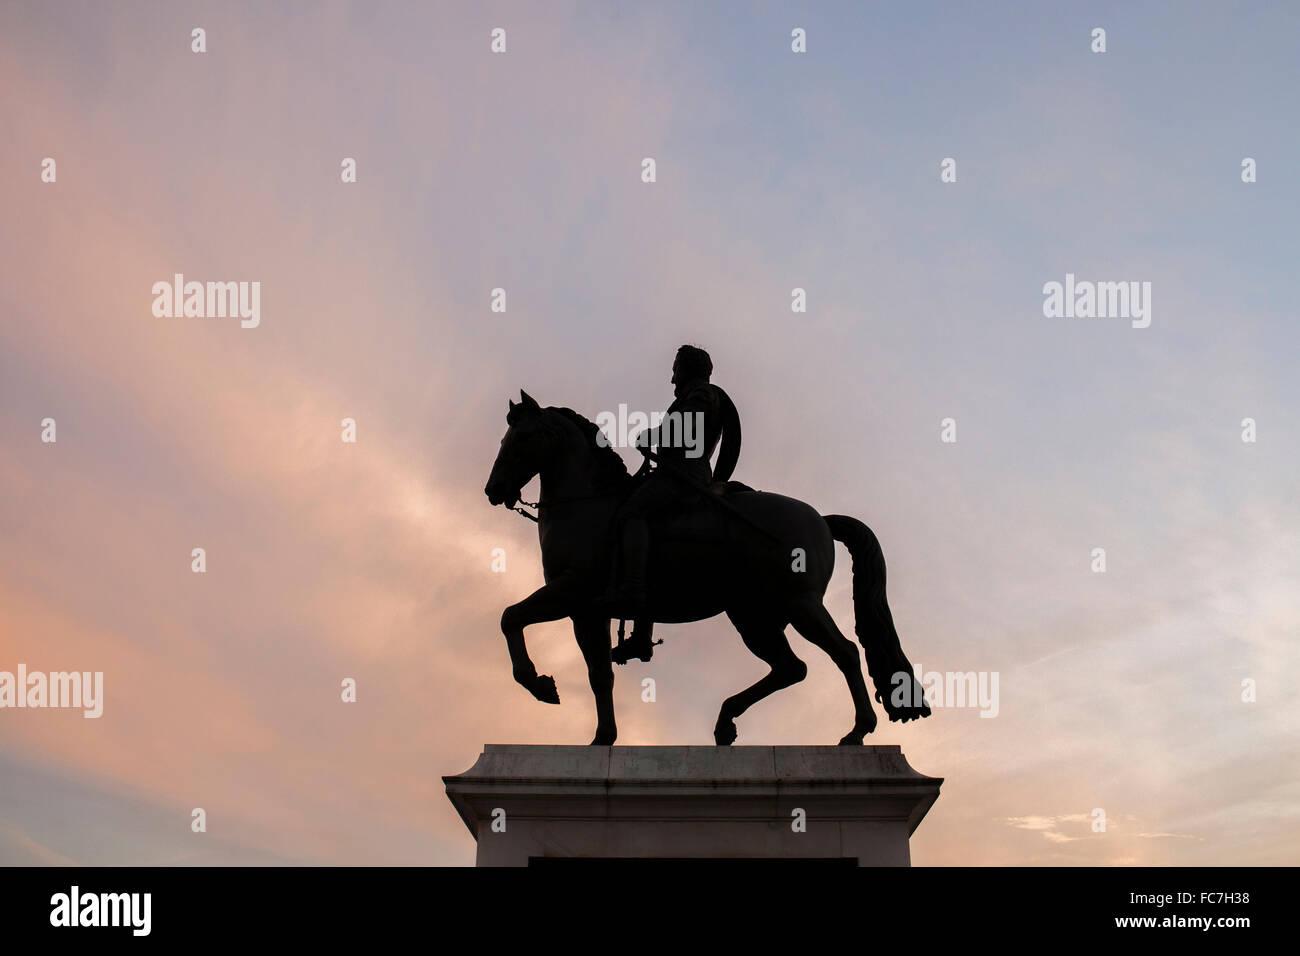 Silhouette von Pferd und Reiter Statue unter Sonnenuntergang Himmel Stockfoto